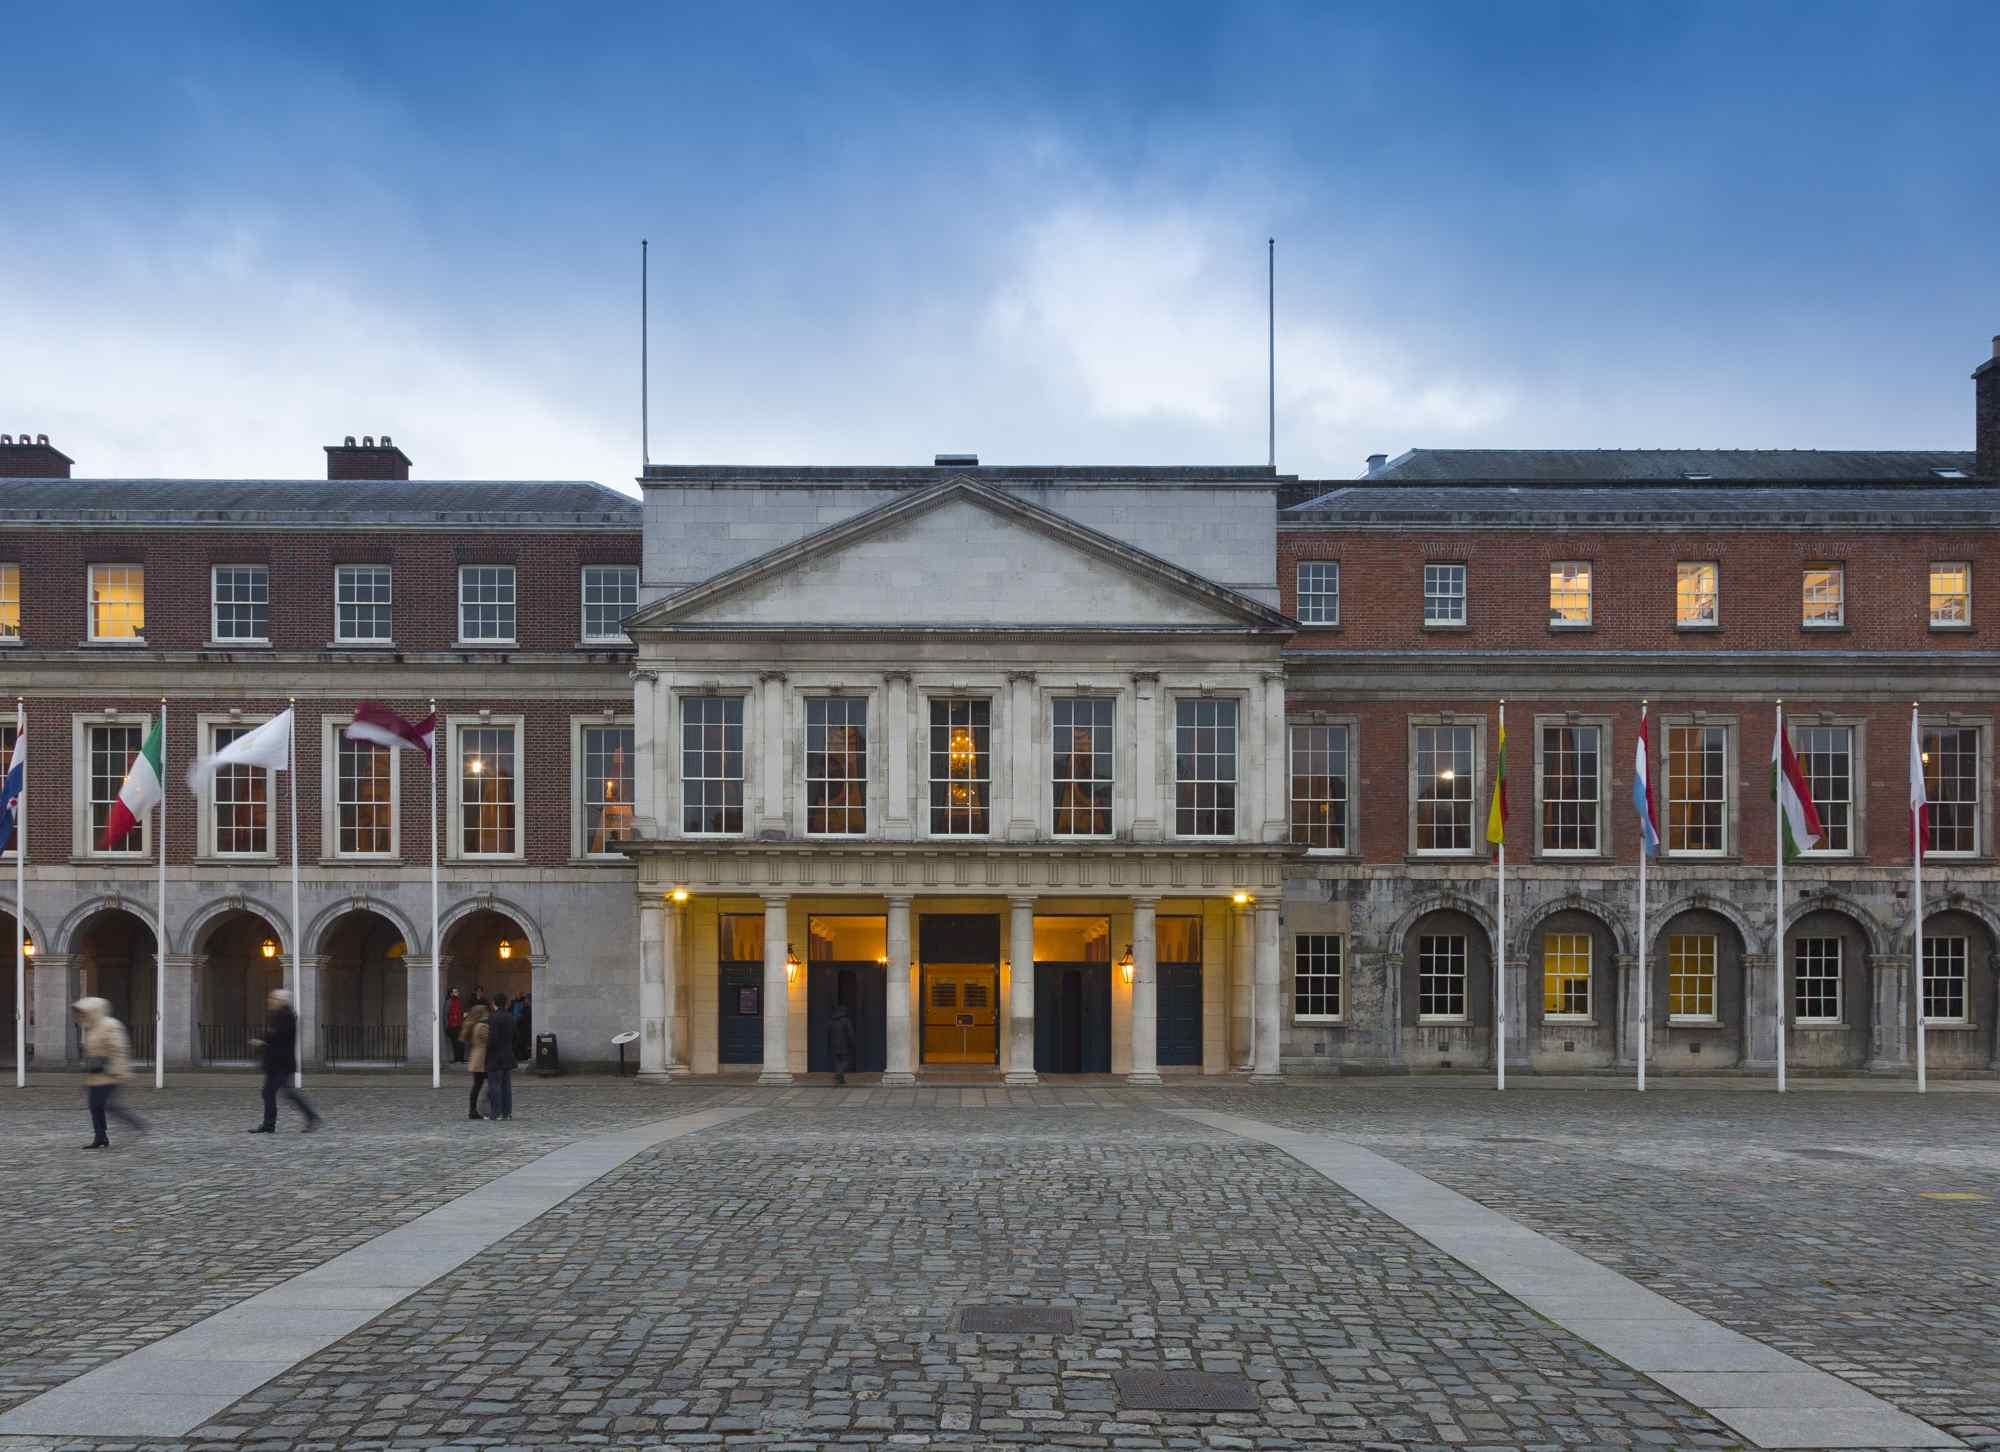 Facade of Dublin Castle